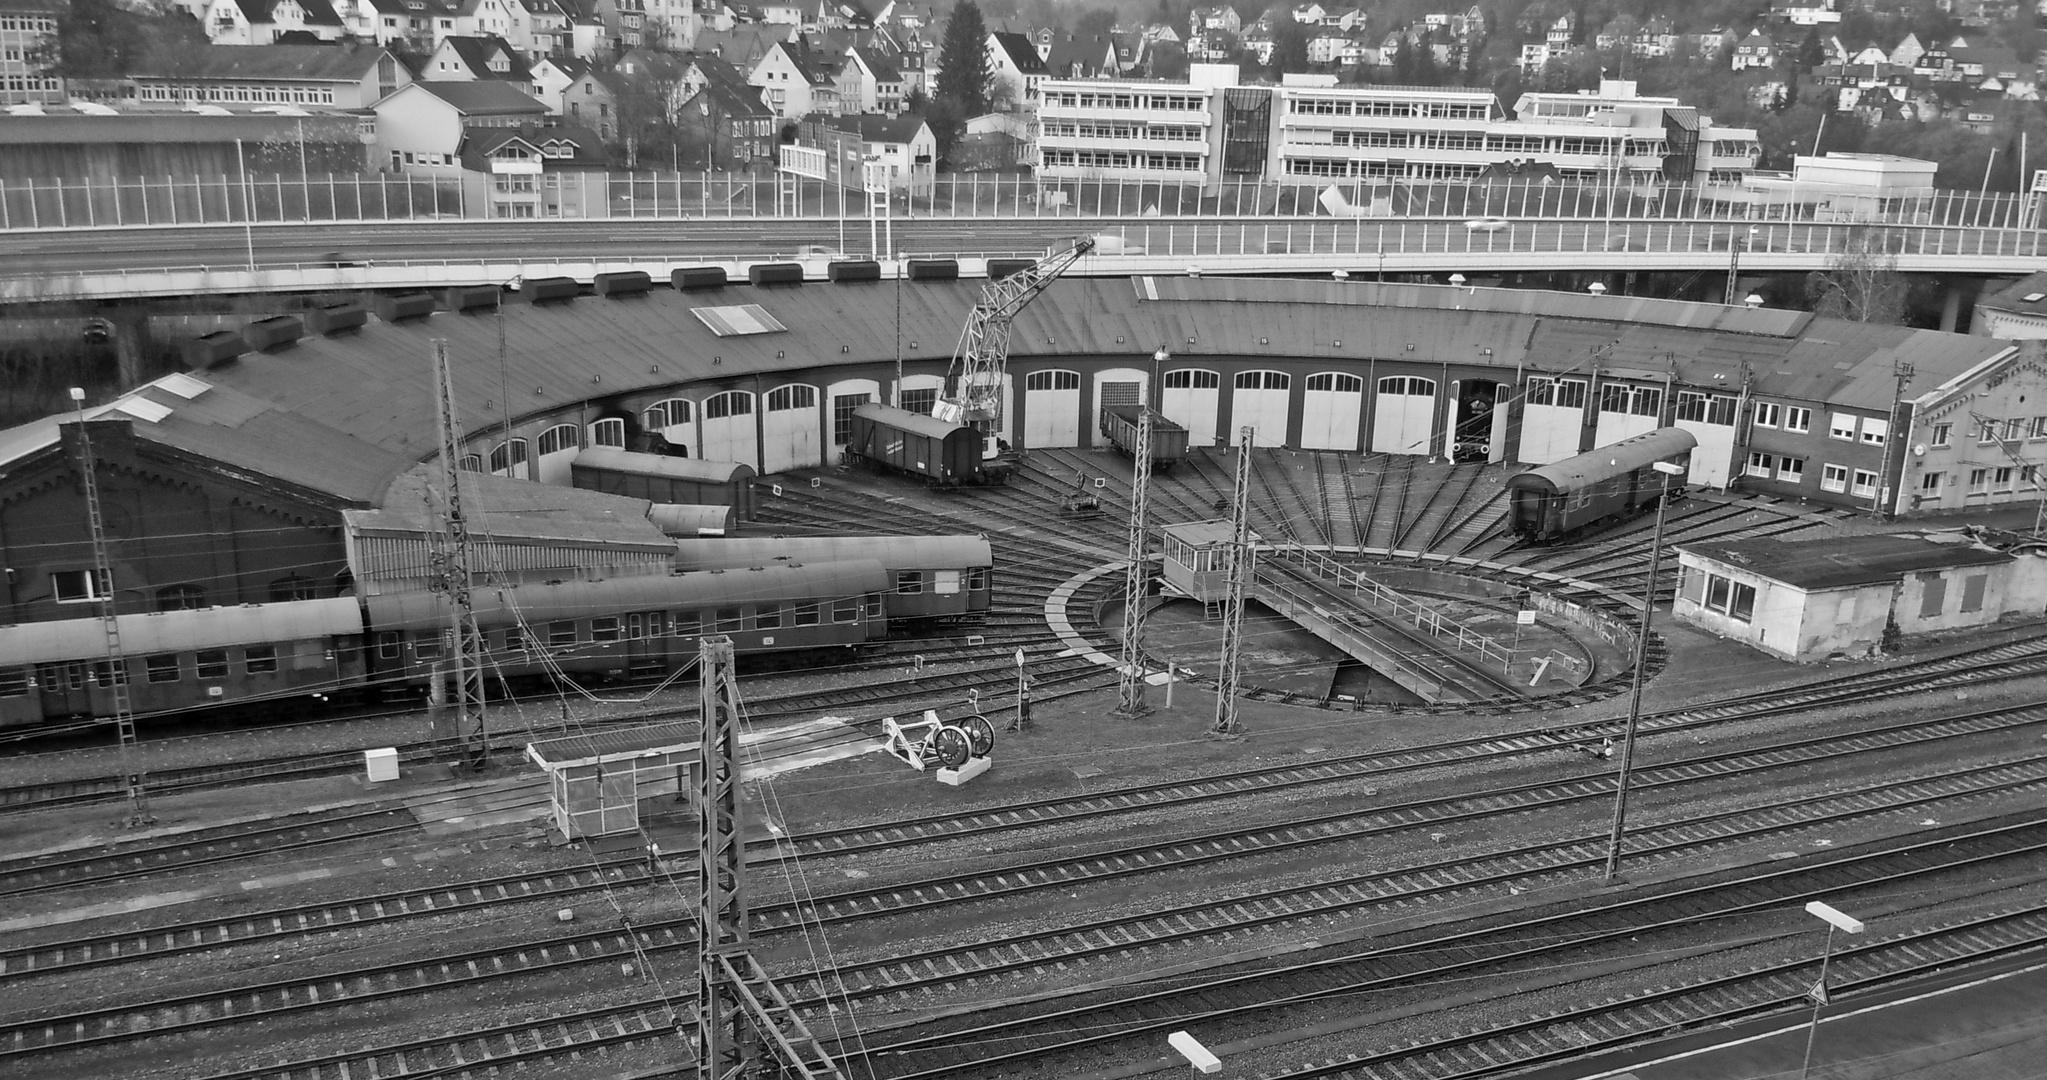 Historischer lokschuppen siegen foto bild architektur stadtlandschaft historisches bilder - Architektur siegen ...